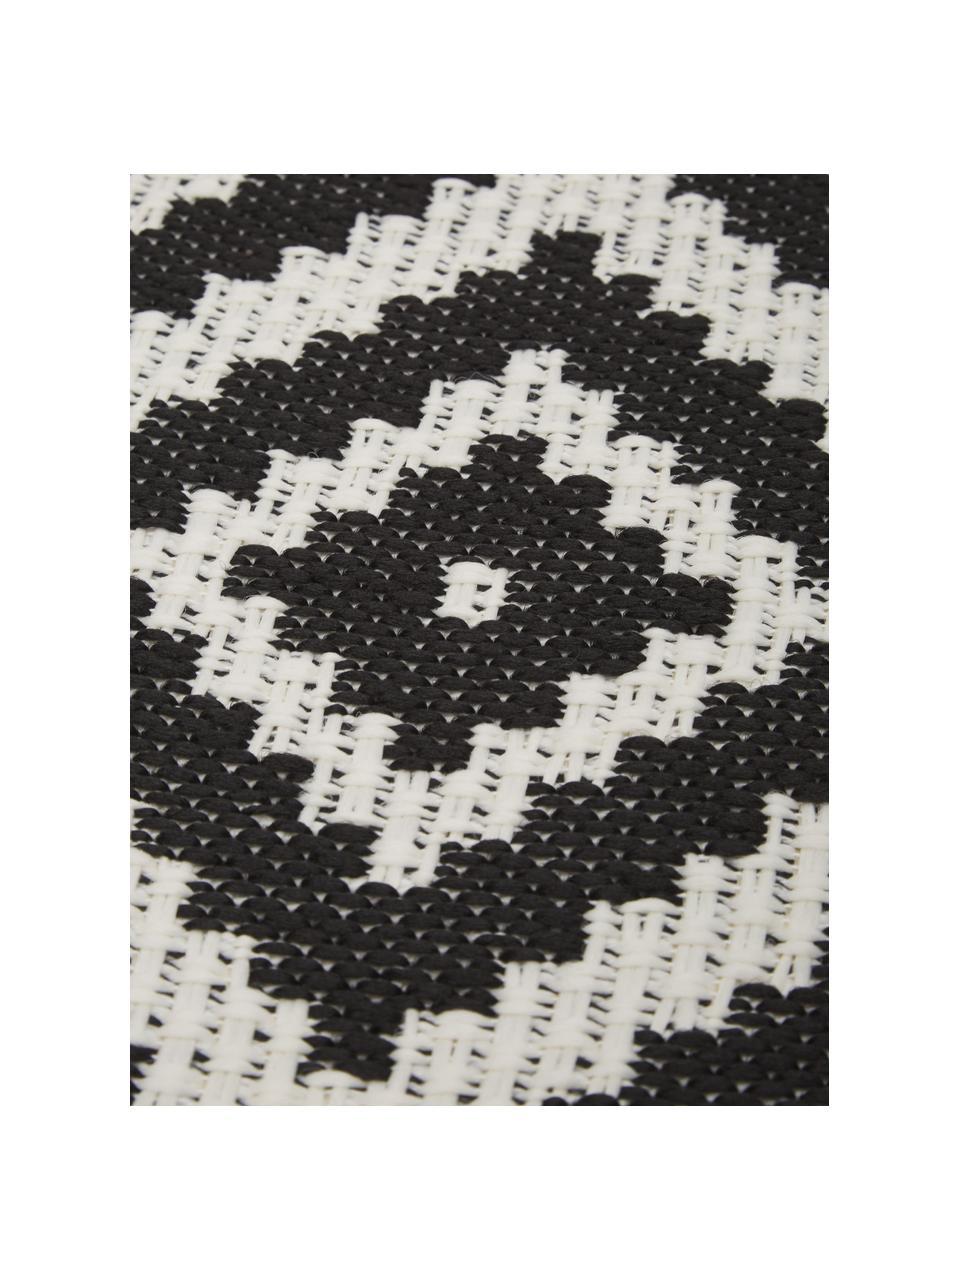 Okrągły dywan wewnętrzny/zewnętrzny Miami, 86% polipropylen, 14% poliester, Biały, czarny, Ø 200 cm (Rozmiar L)